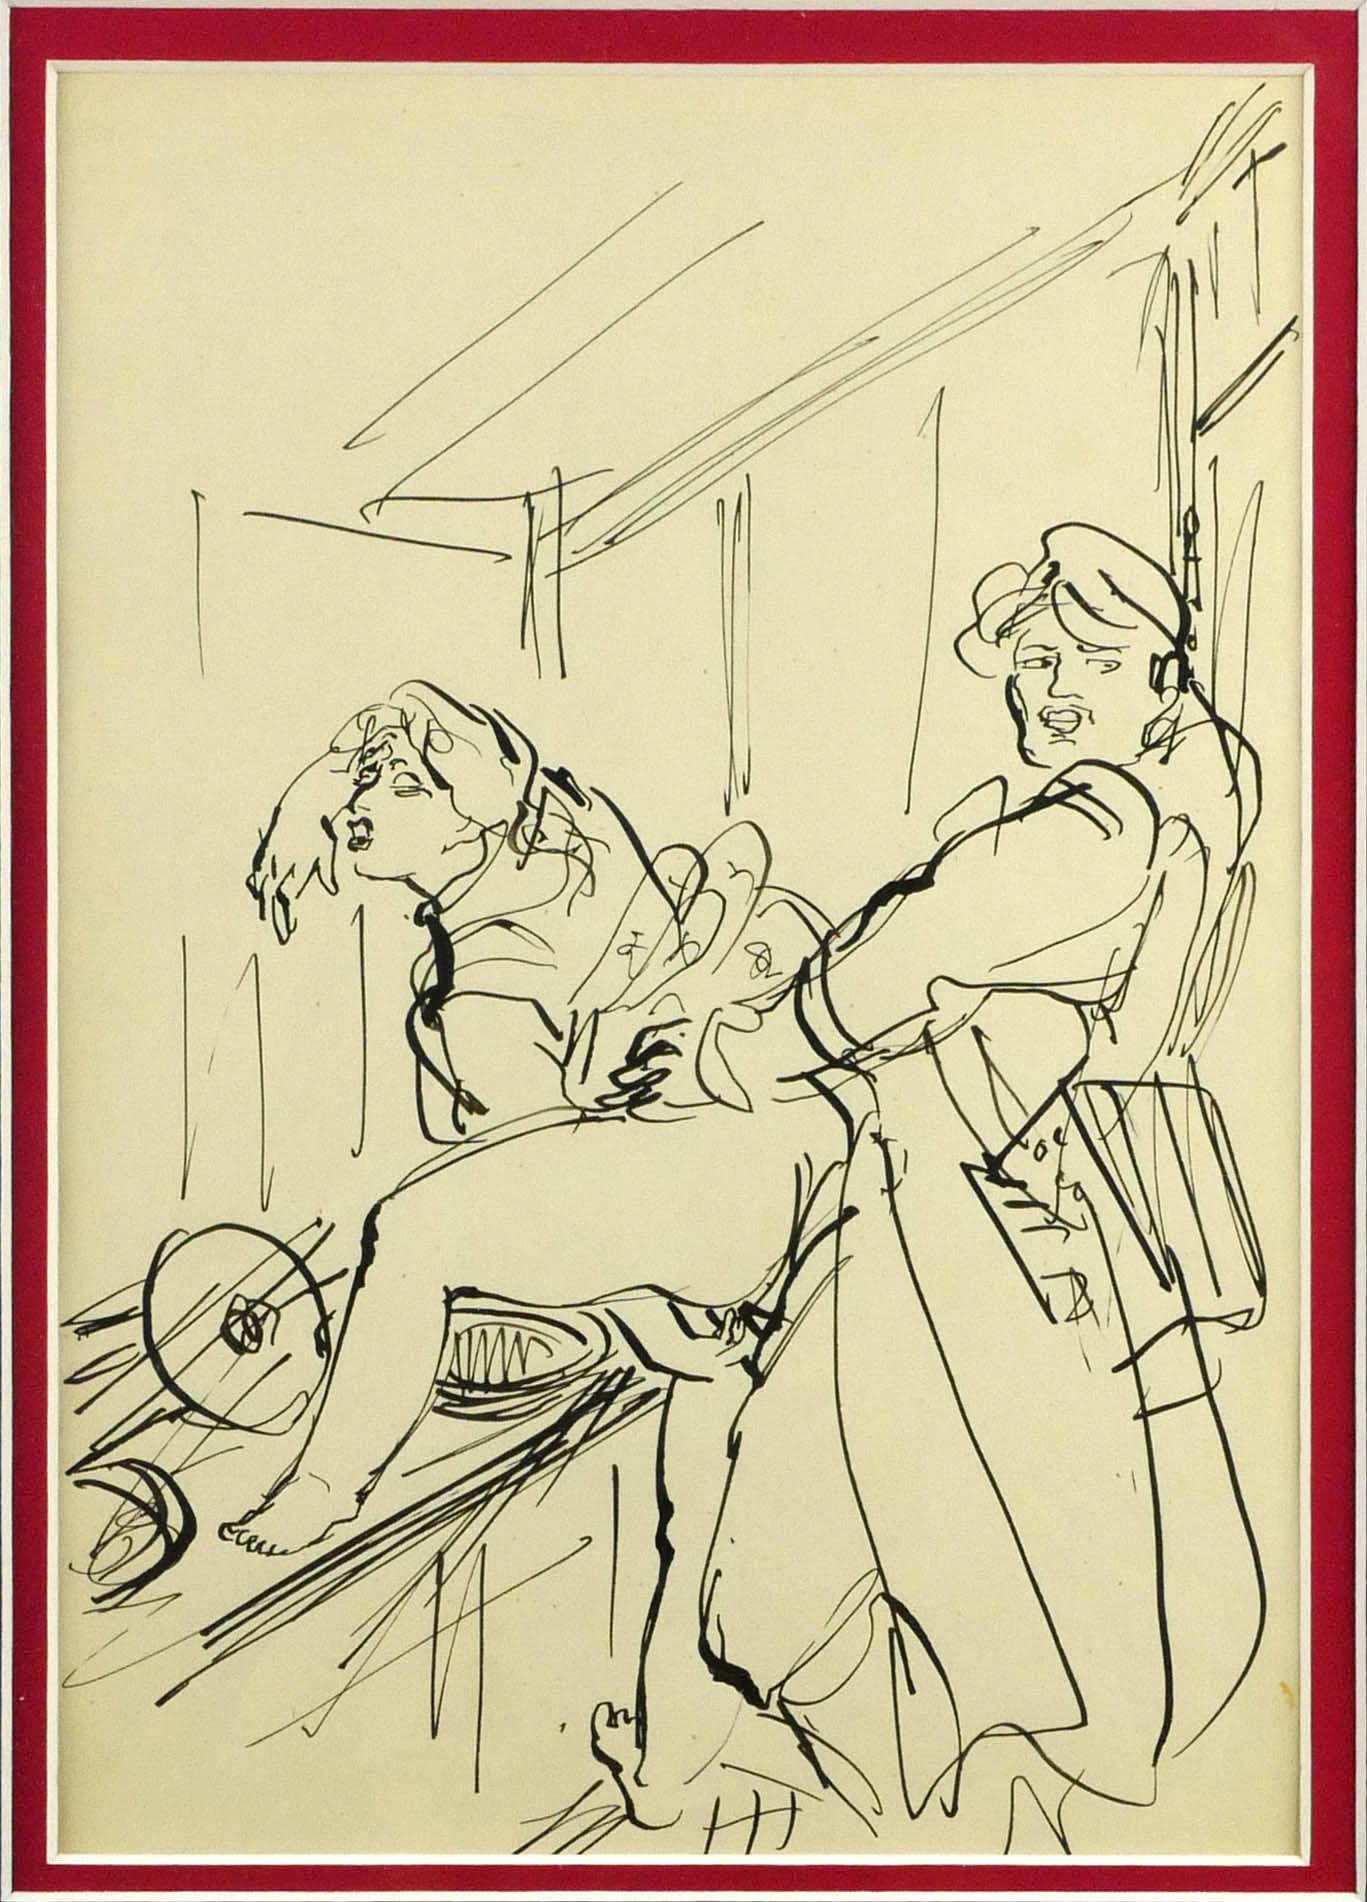 W toalecie - proj. ilustracji książkowej